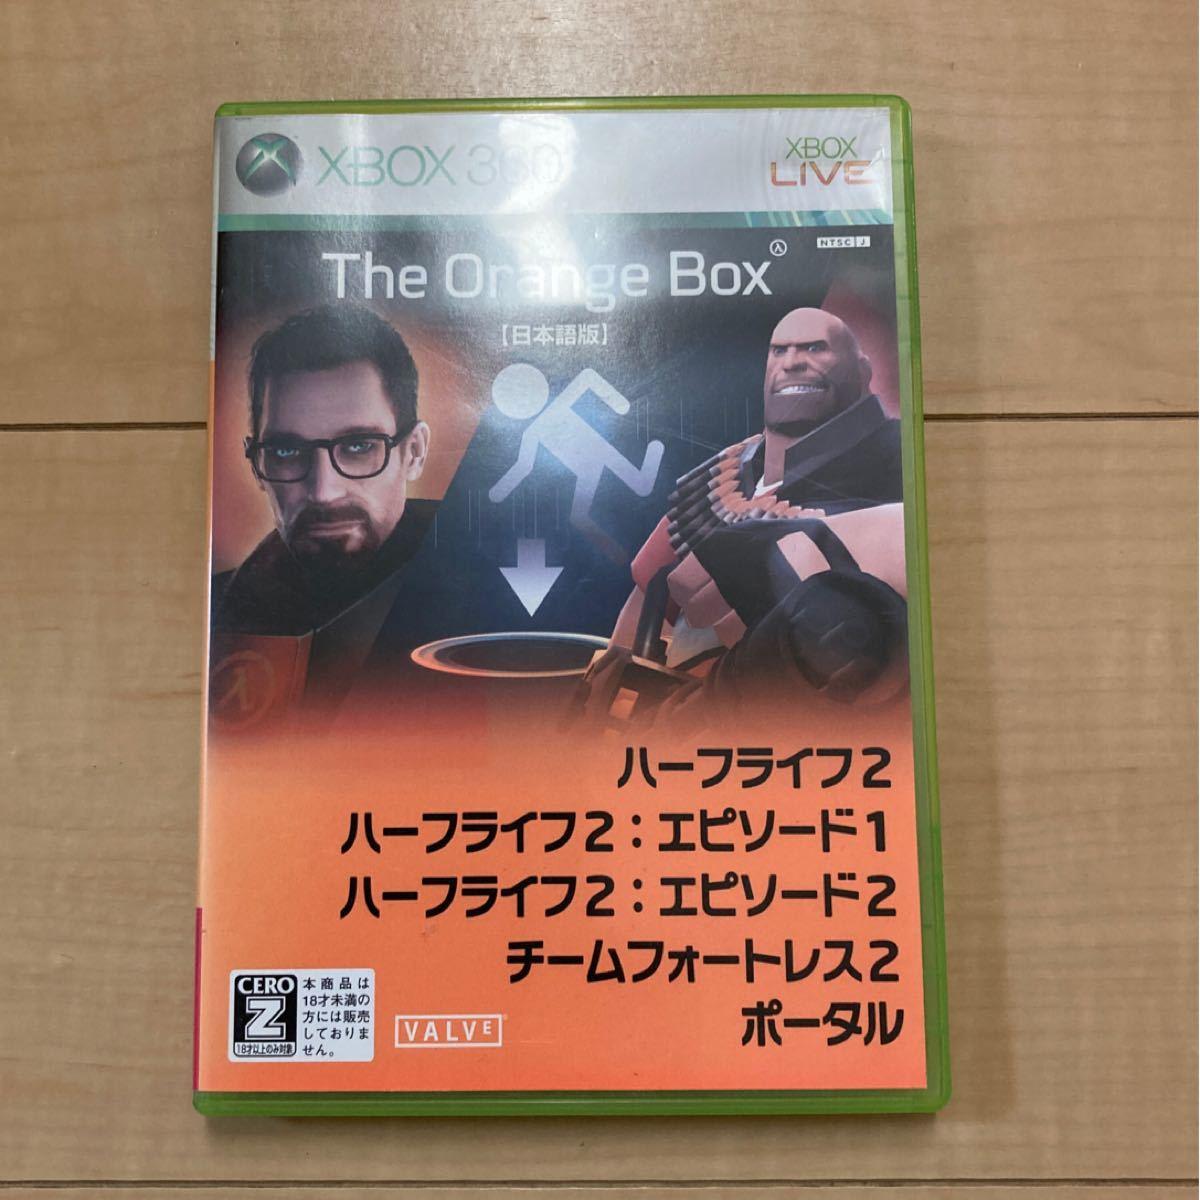 xbox360用ソフト The Orange Box ザ・オレンジボックス